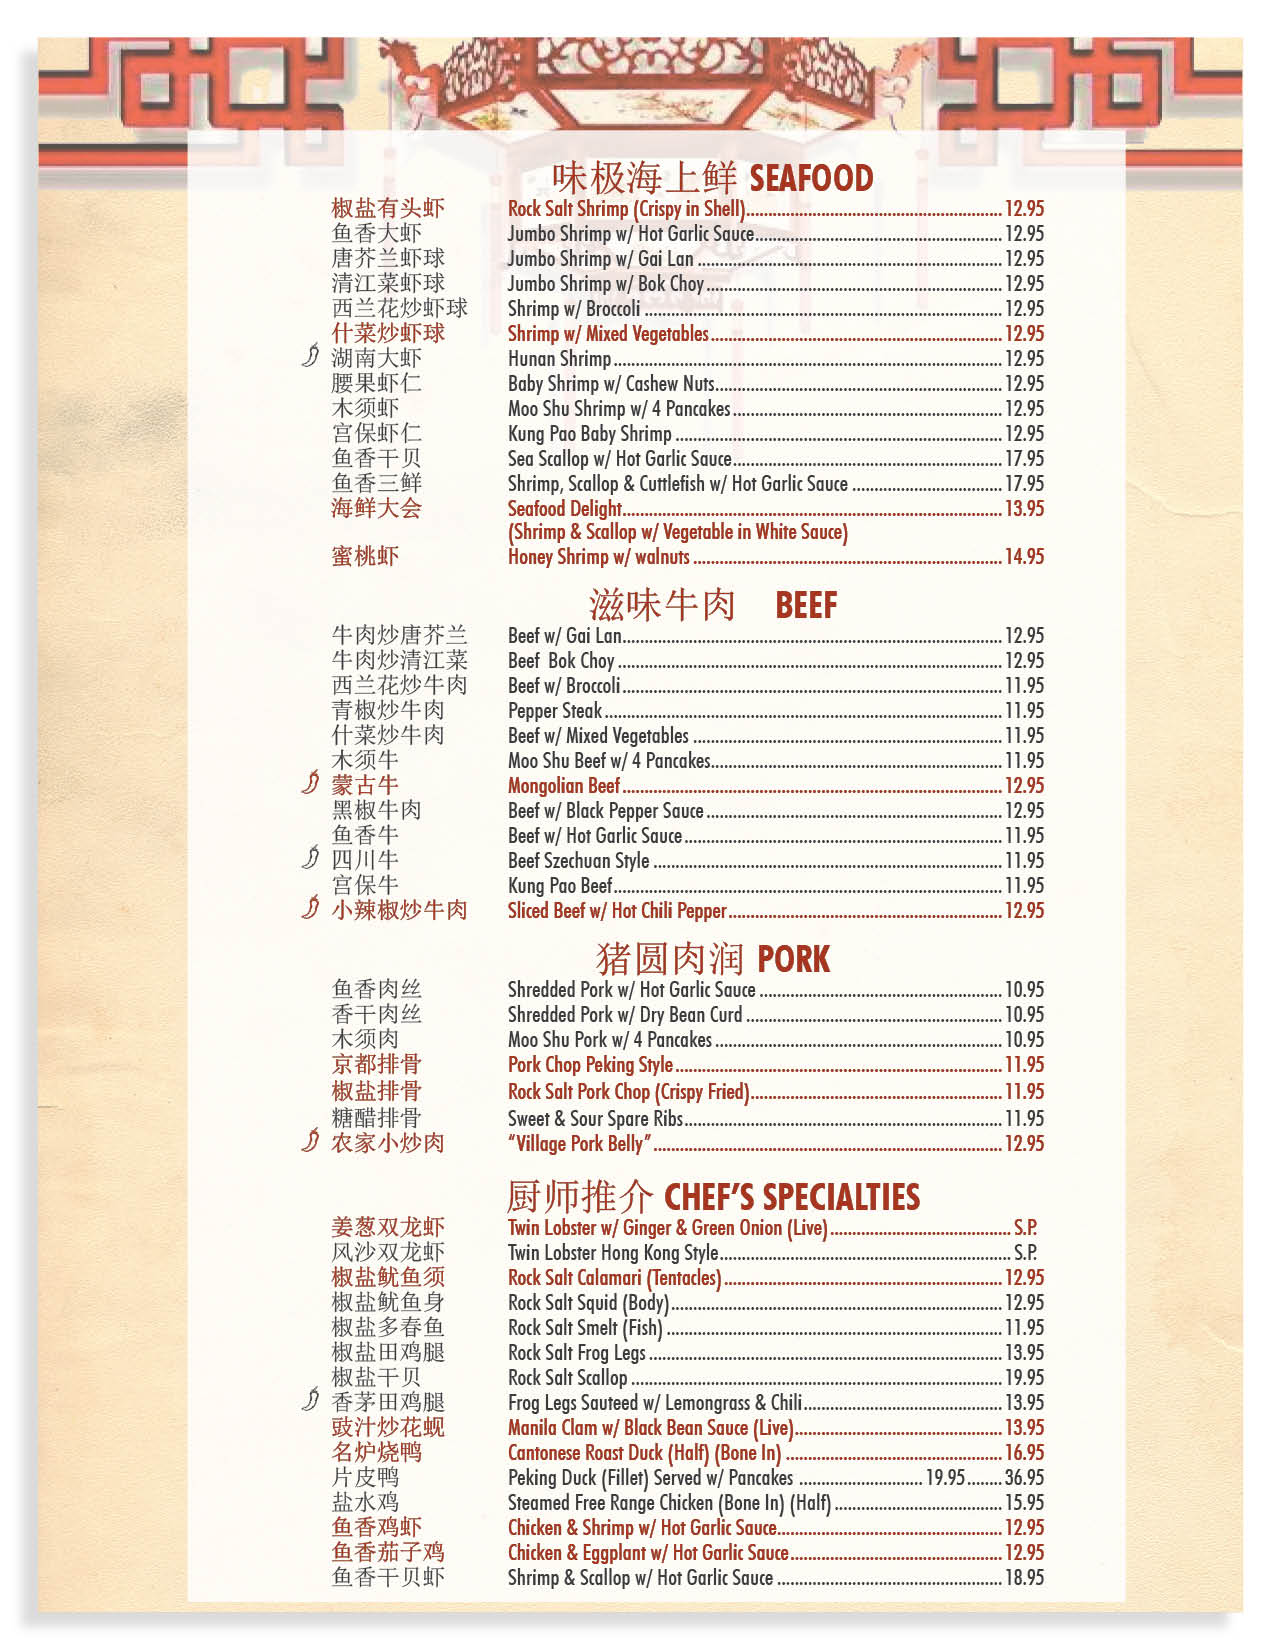 Seafood_Beef_Pork_Chep_Specialties